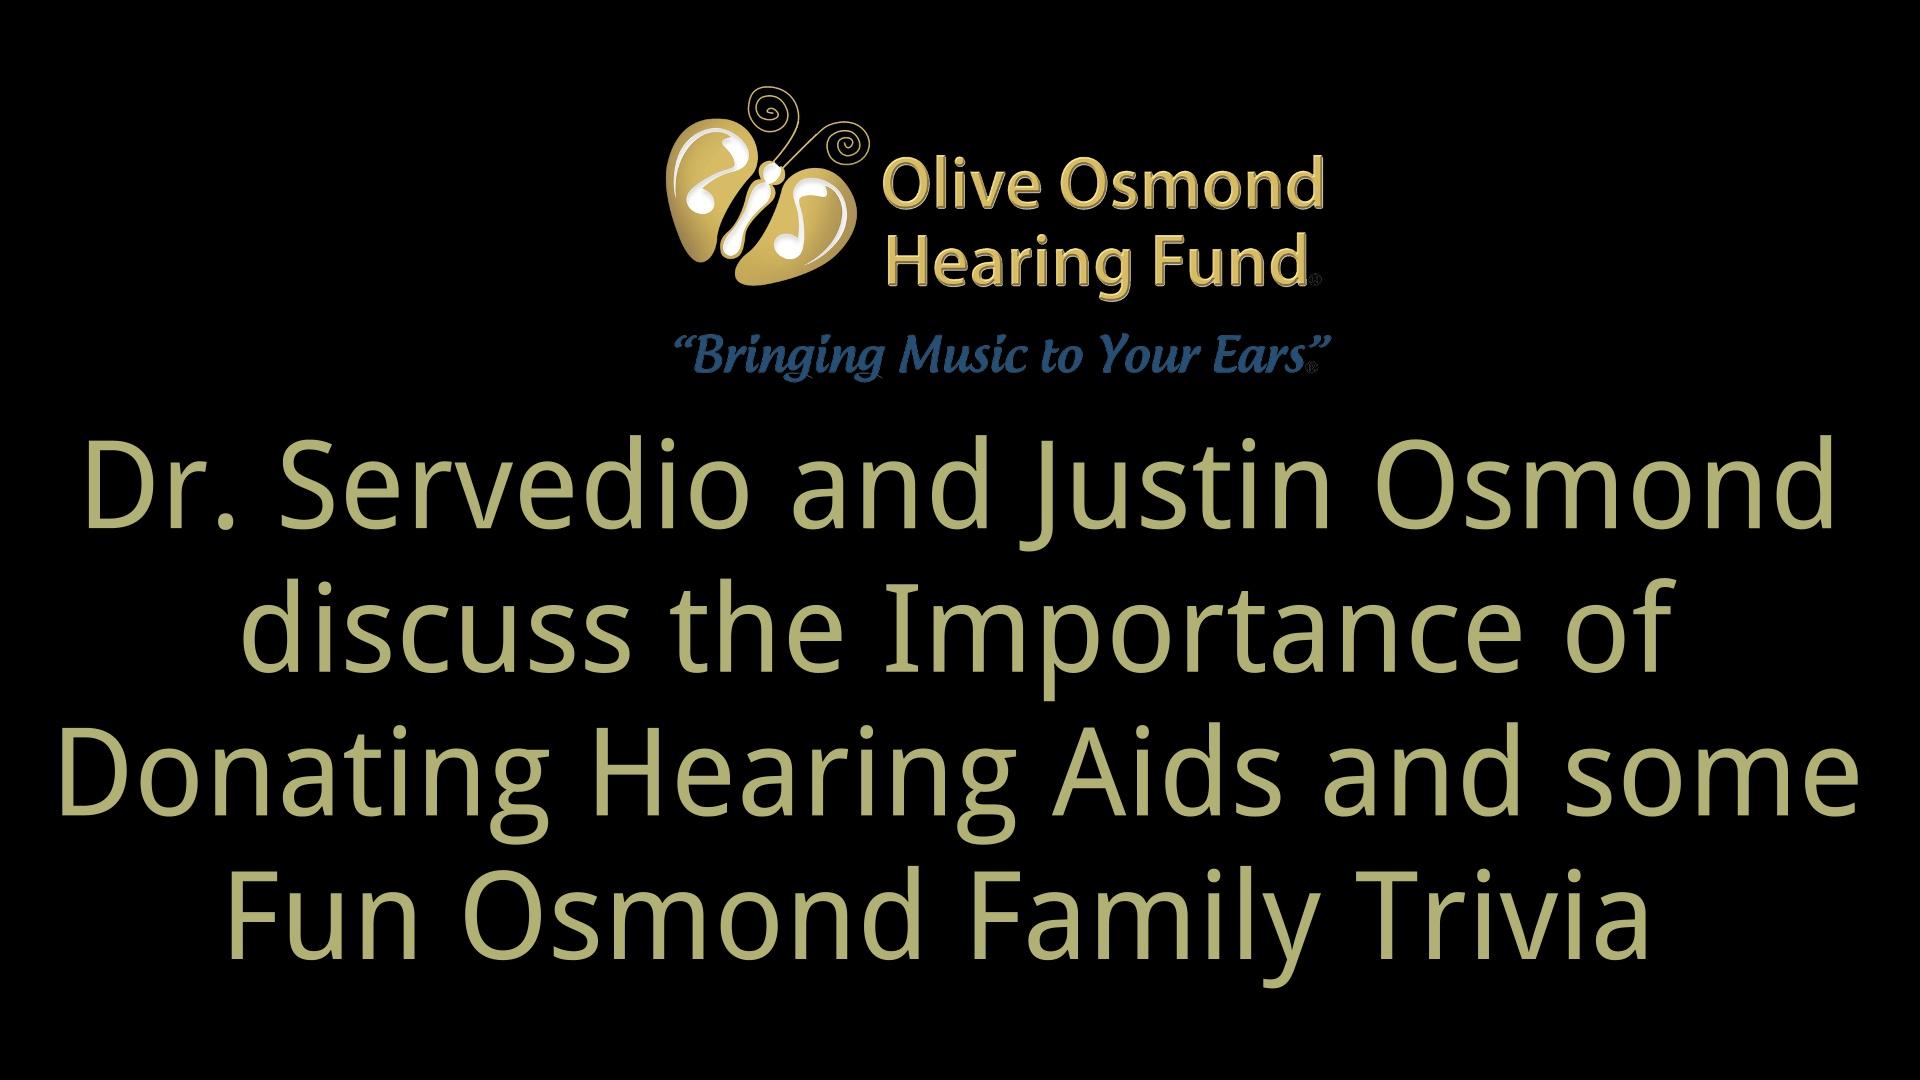 justin osmond interview first edit attempt